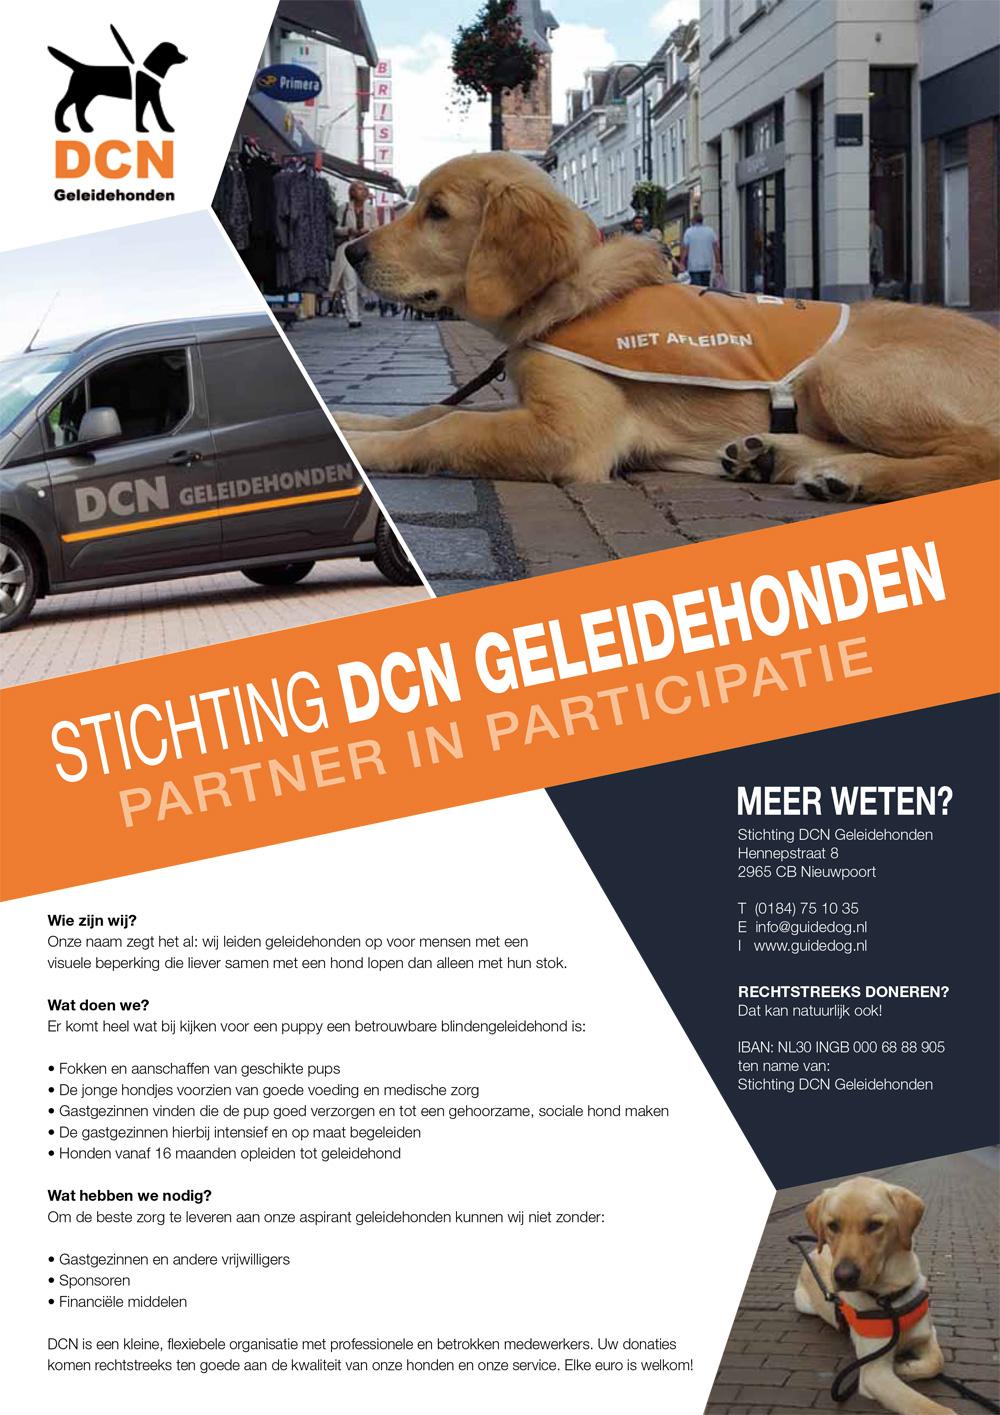 Dit jaar wordt er gevist ten bate van de Stichting DCN Geleidehonden.